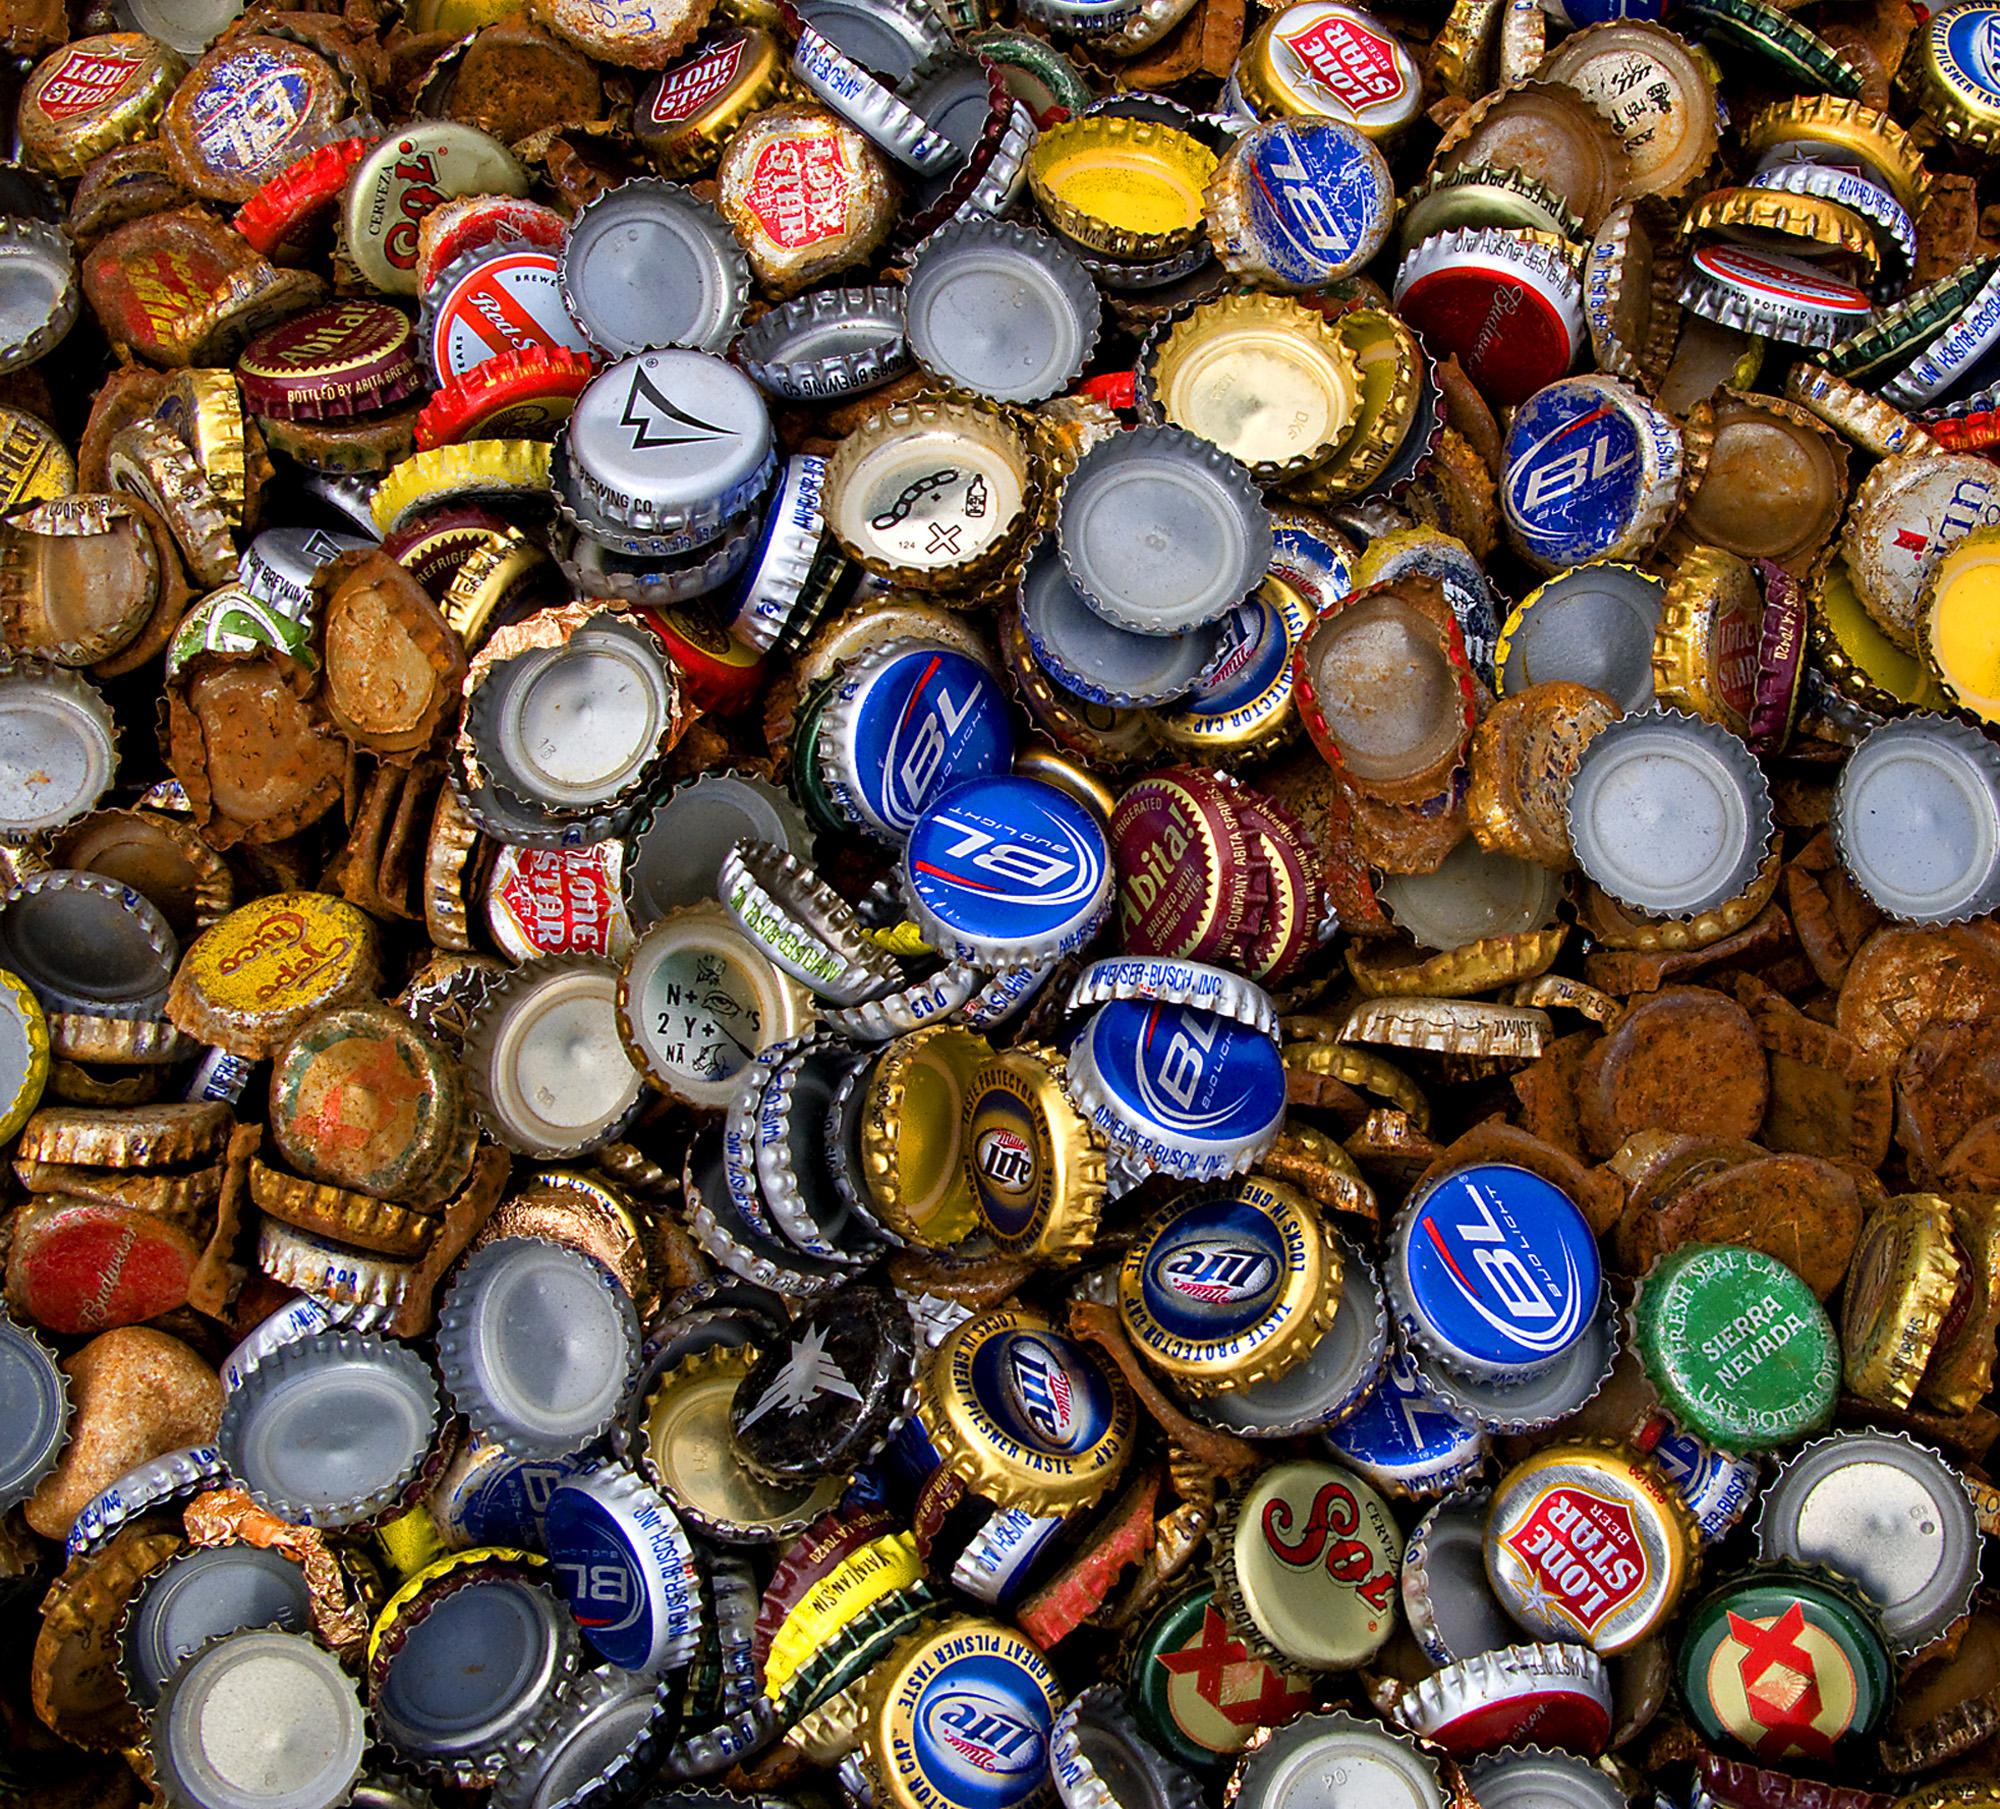 2000x1809 > Beer Bottle Caps Wallpapers